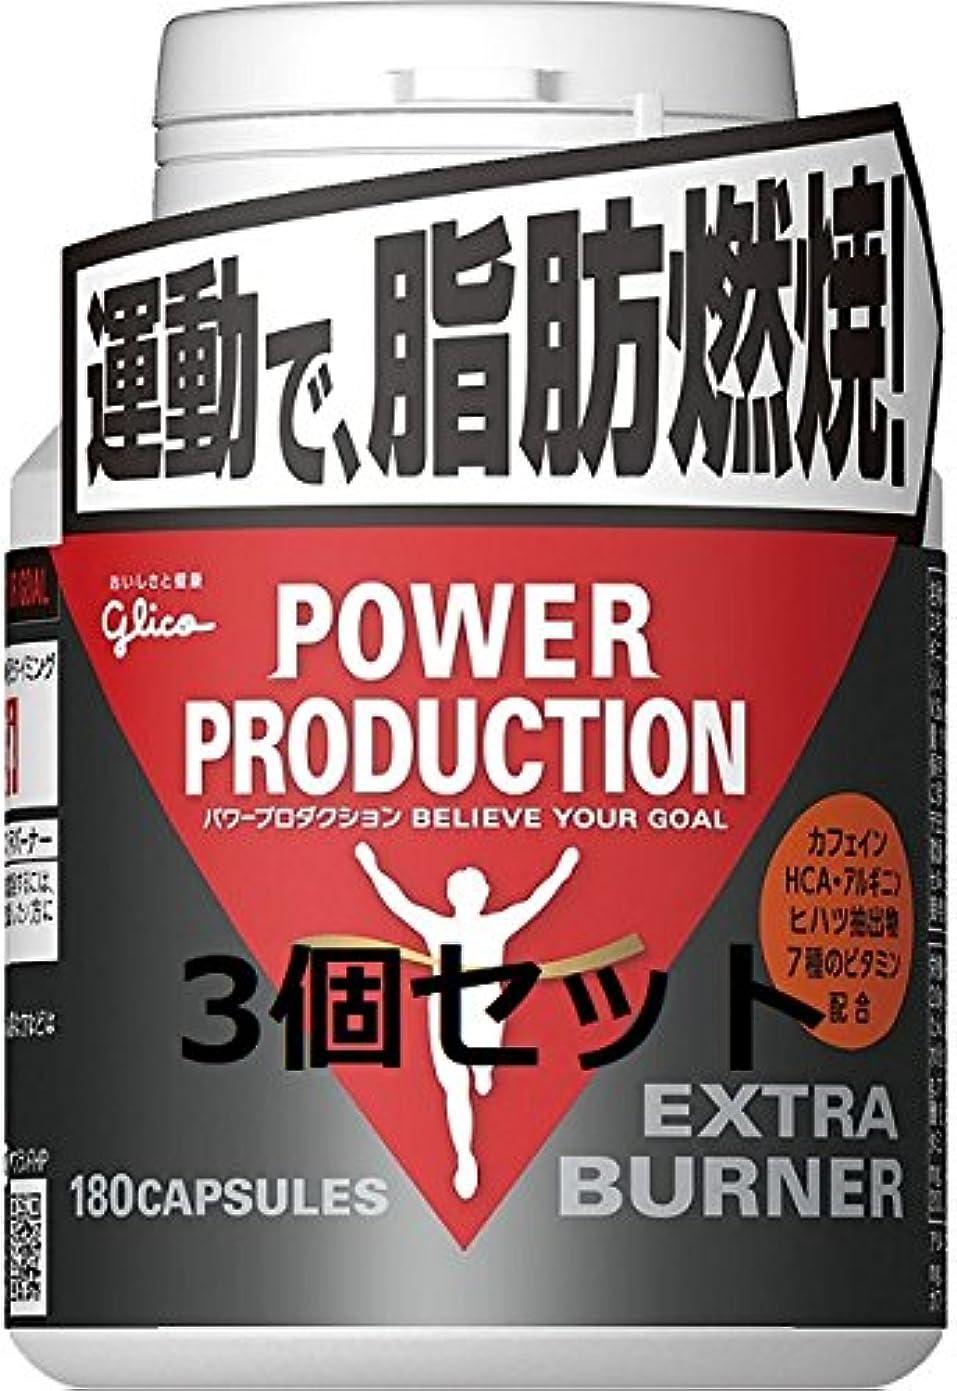 魅力的センチメートル連続的グリコパワープロダクション エキストラバーナー 59.9g(お買い得3個セット)